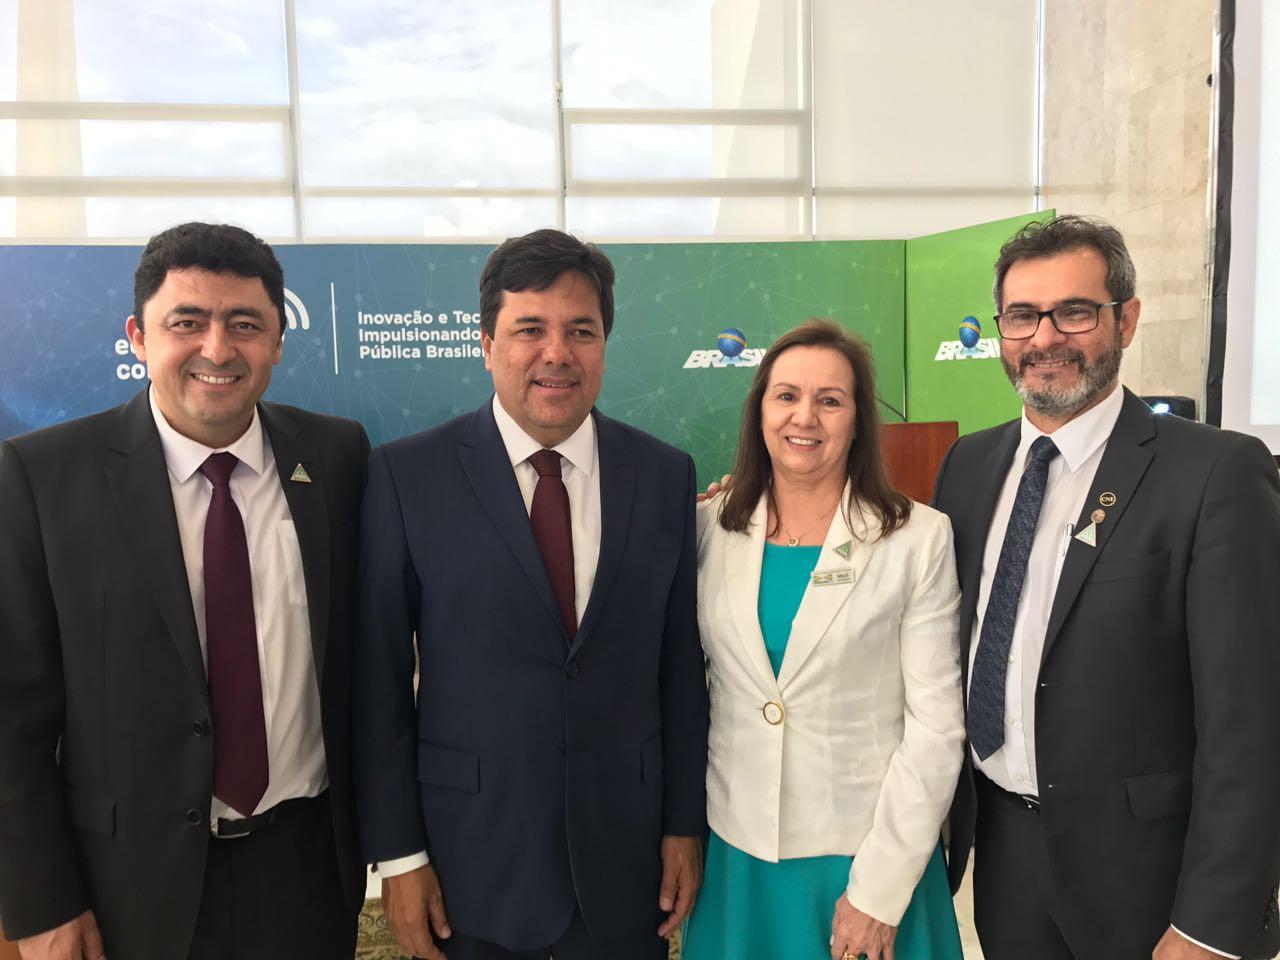 Presidente da Undime Goiás e Undime Região Centro-Oeste participa de eventos em Brasília relacionados à Política de Inovação Educação Conectada